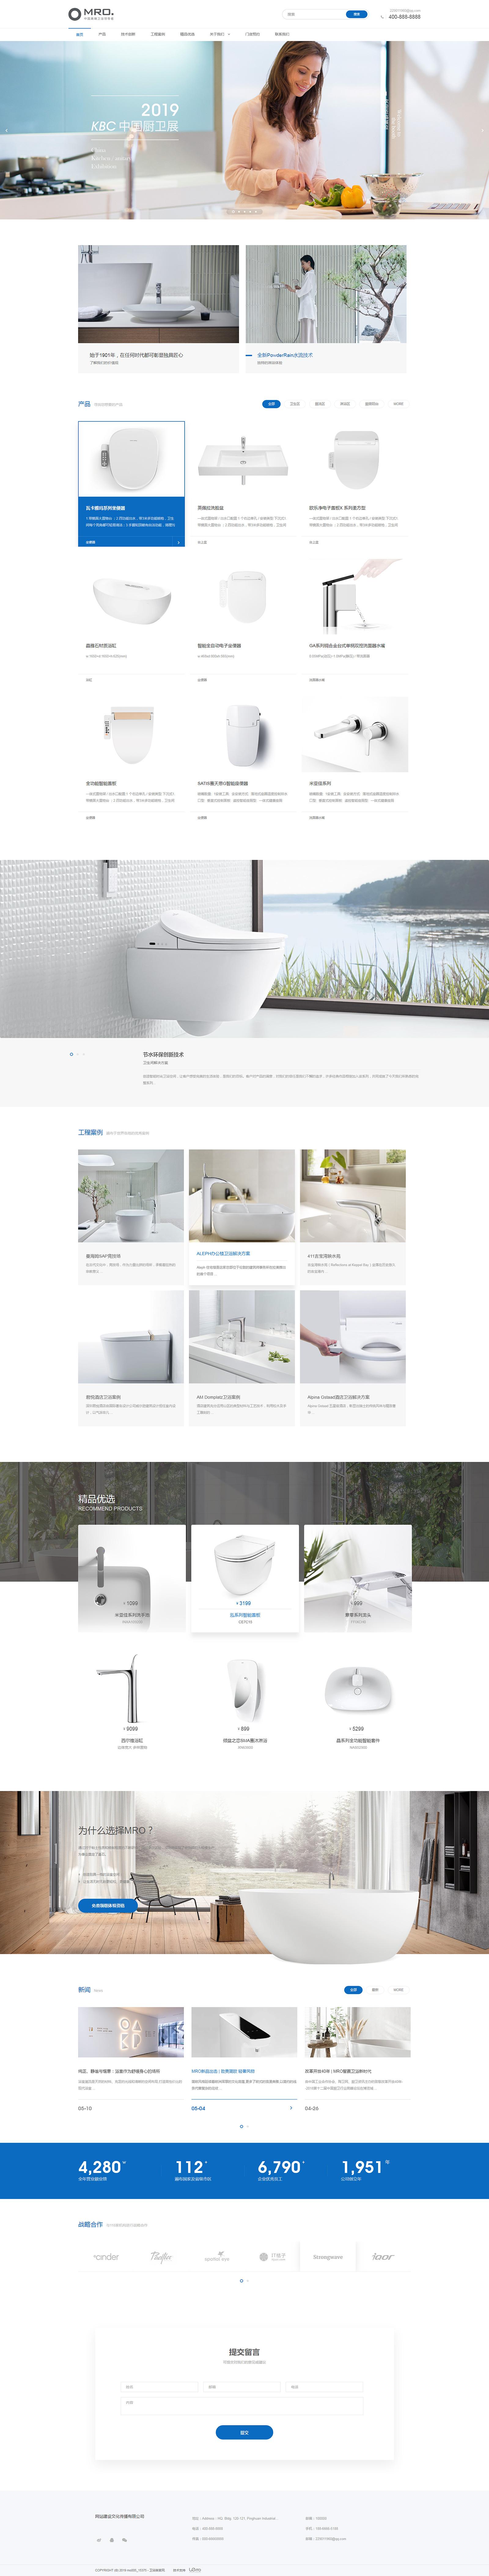 高端卫浴品牌家具用品类织梦模板网站-90咸鱼网